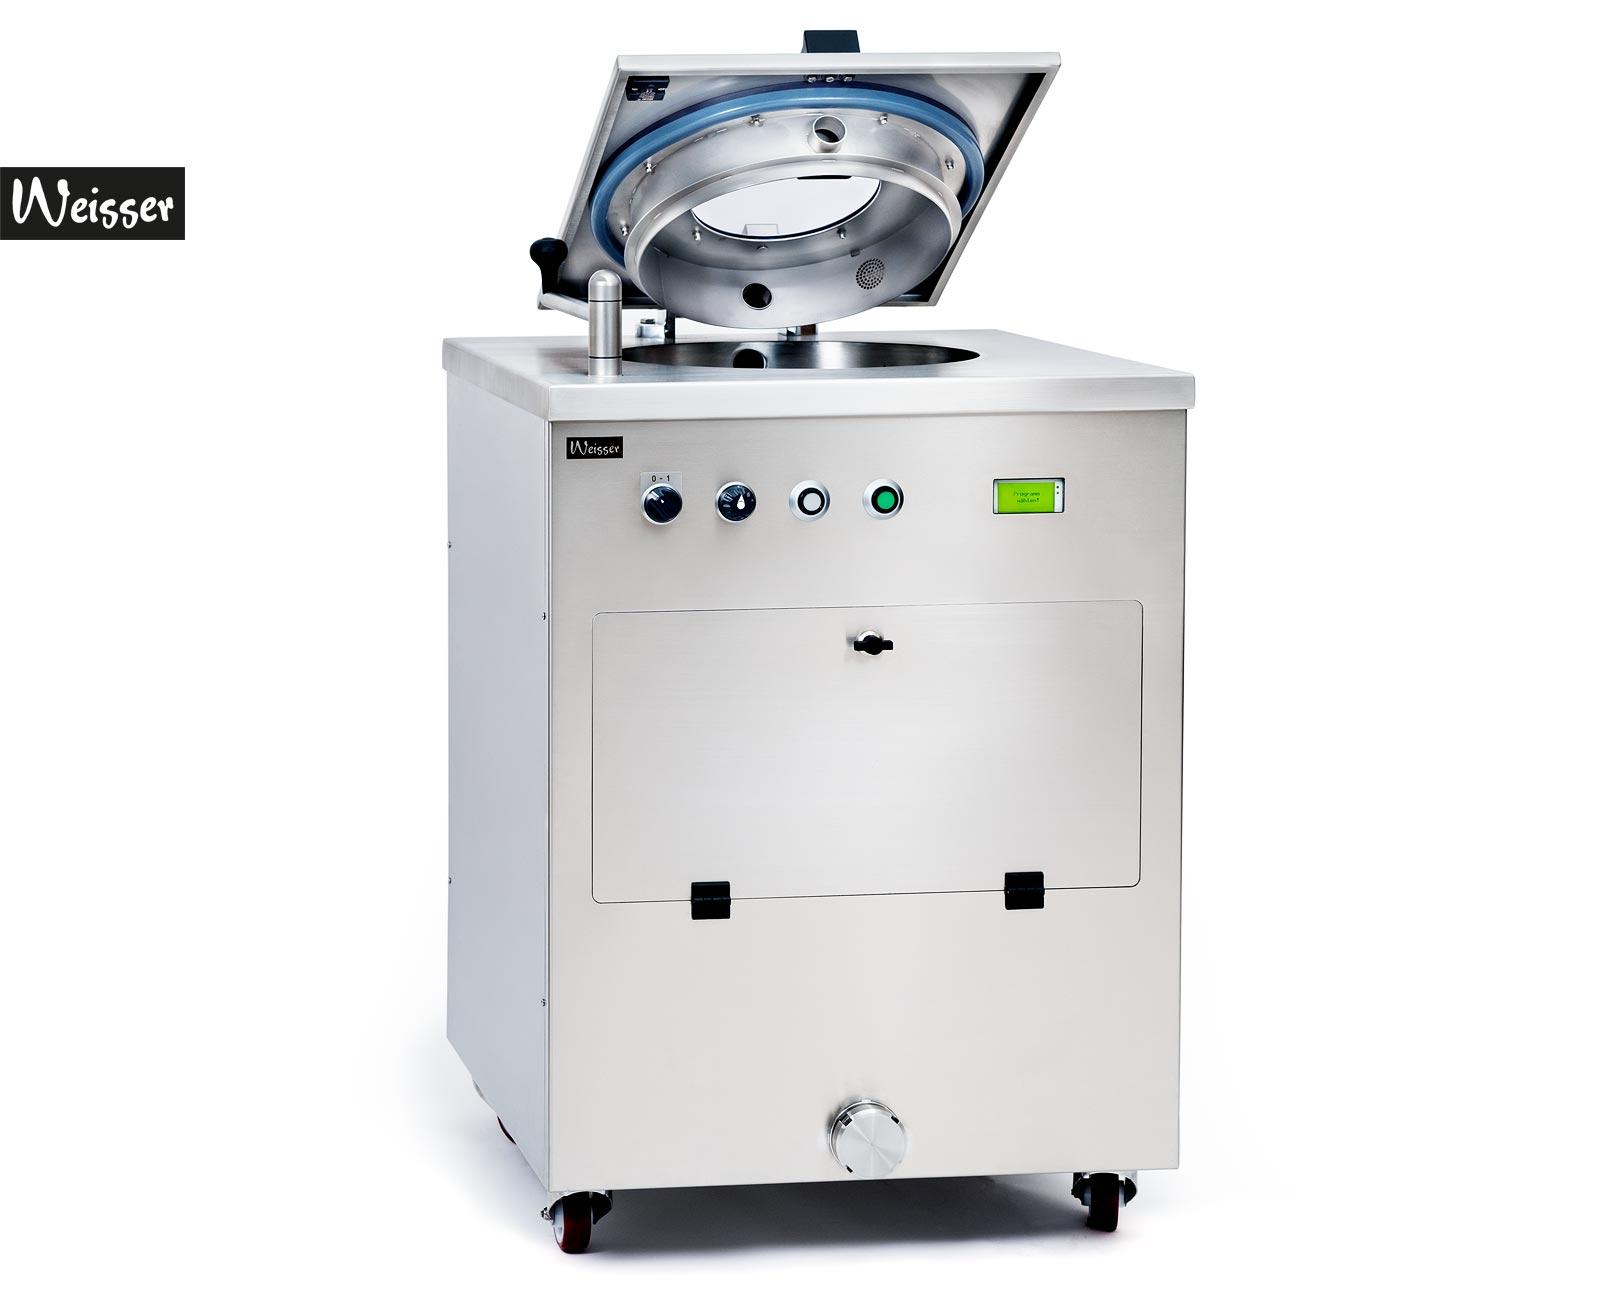 Weisser WSA-30 Salatwaschmaschine